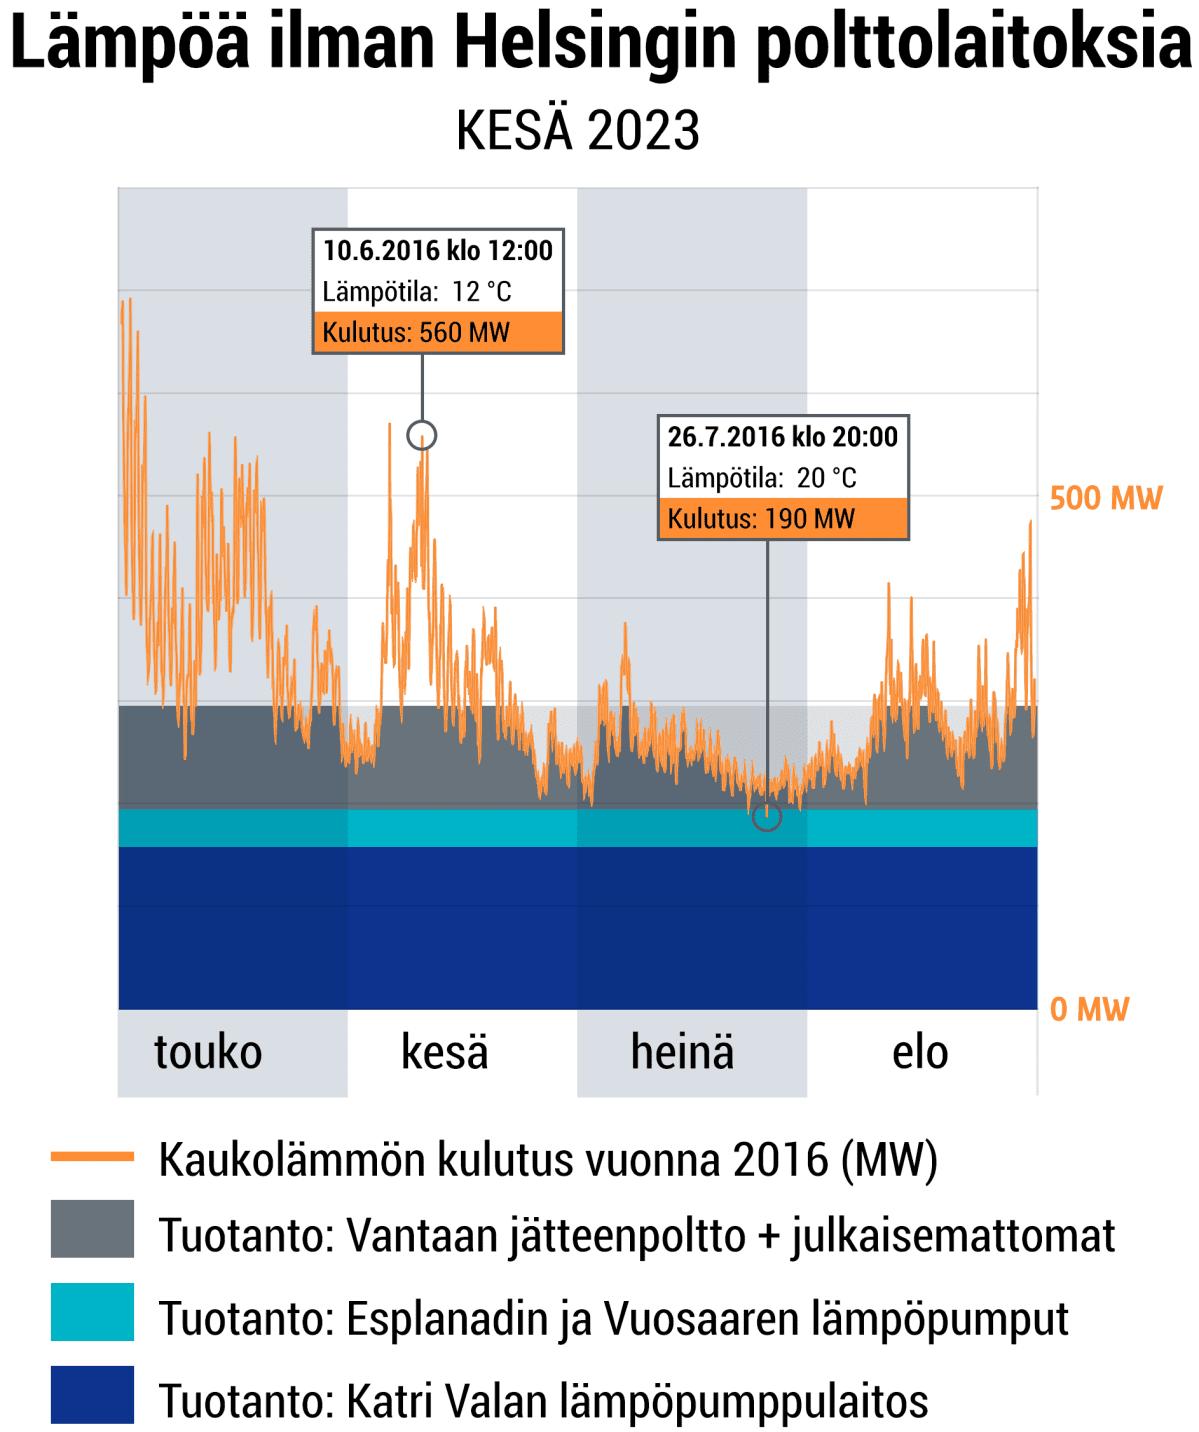 Kaukolämpöä ilman polttamista 2023